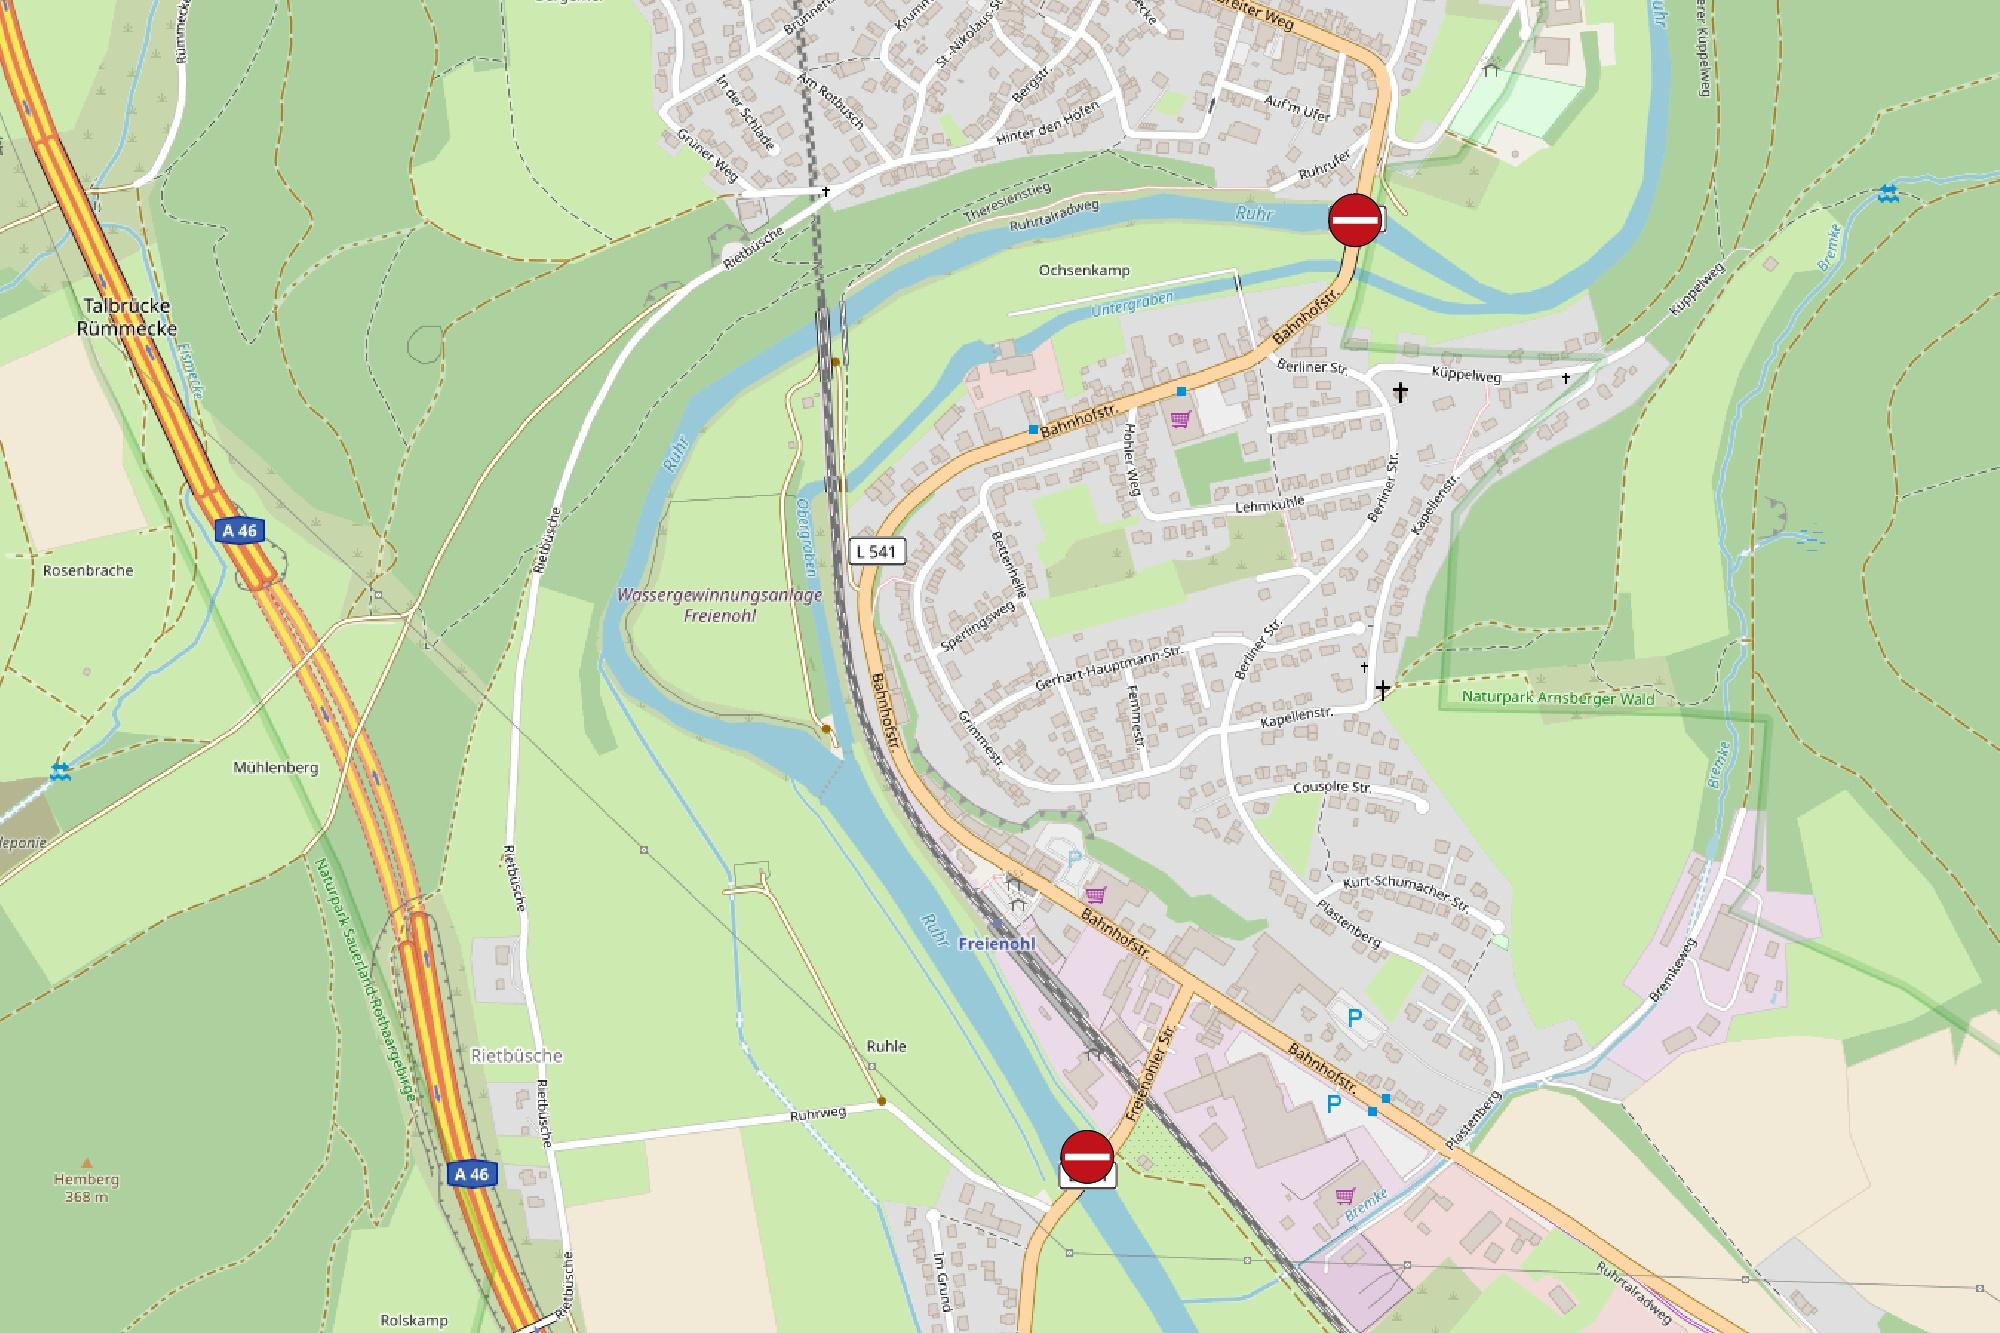 Karte - Quelle: OpenStreetMap